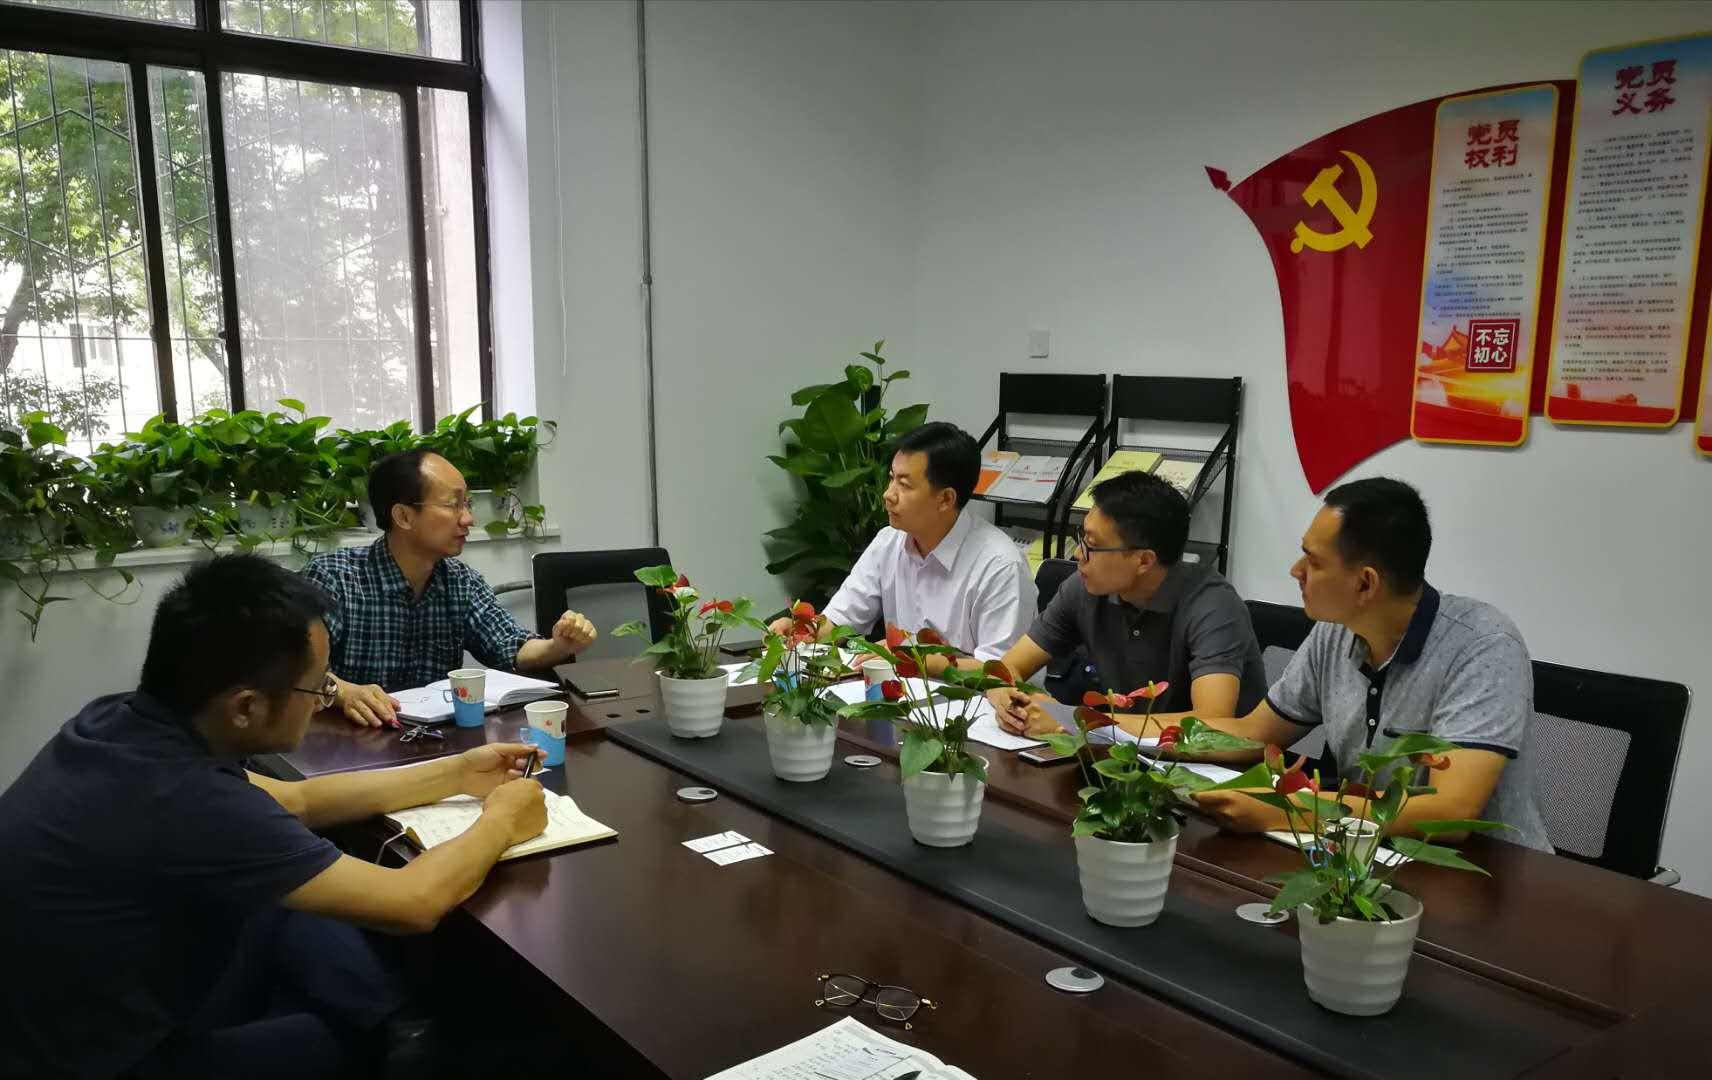 中联电科总经理杨青松一行到访电促会本部